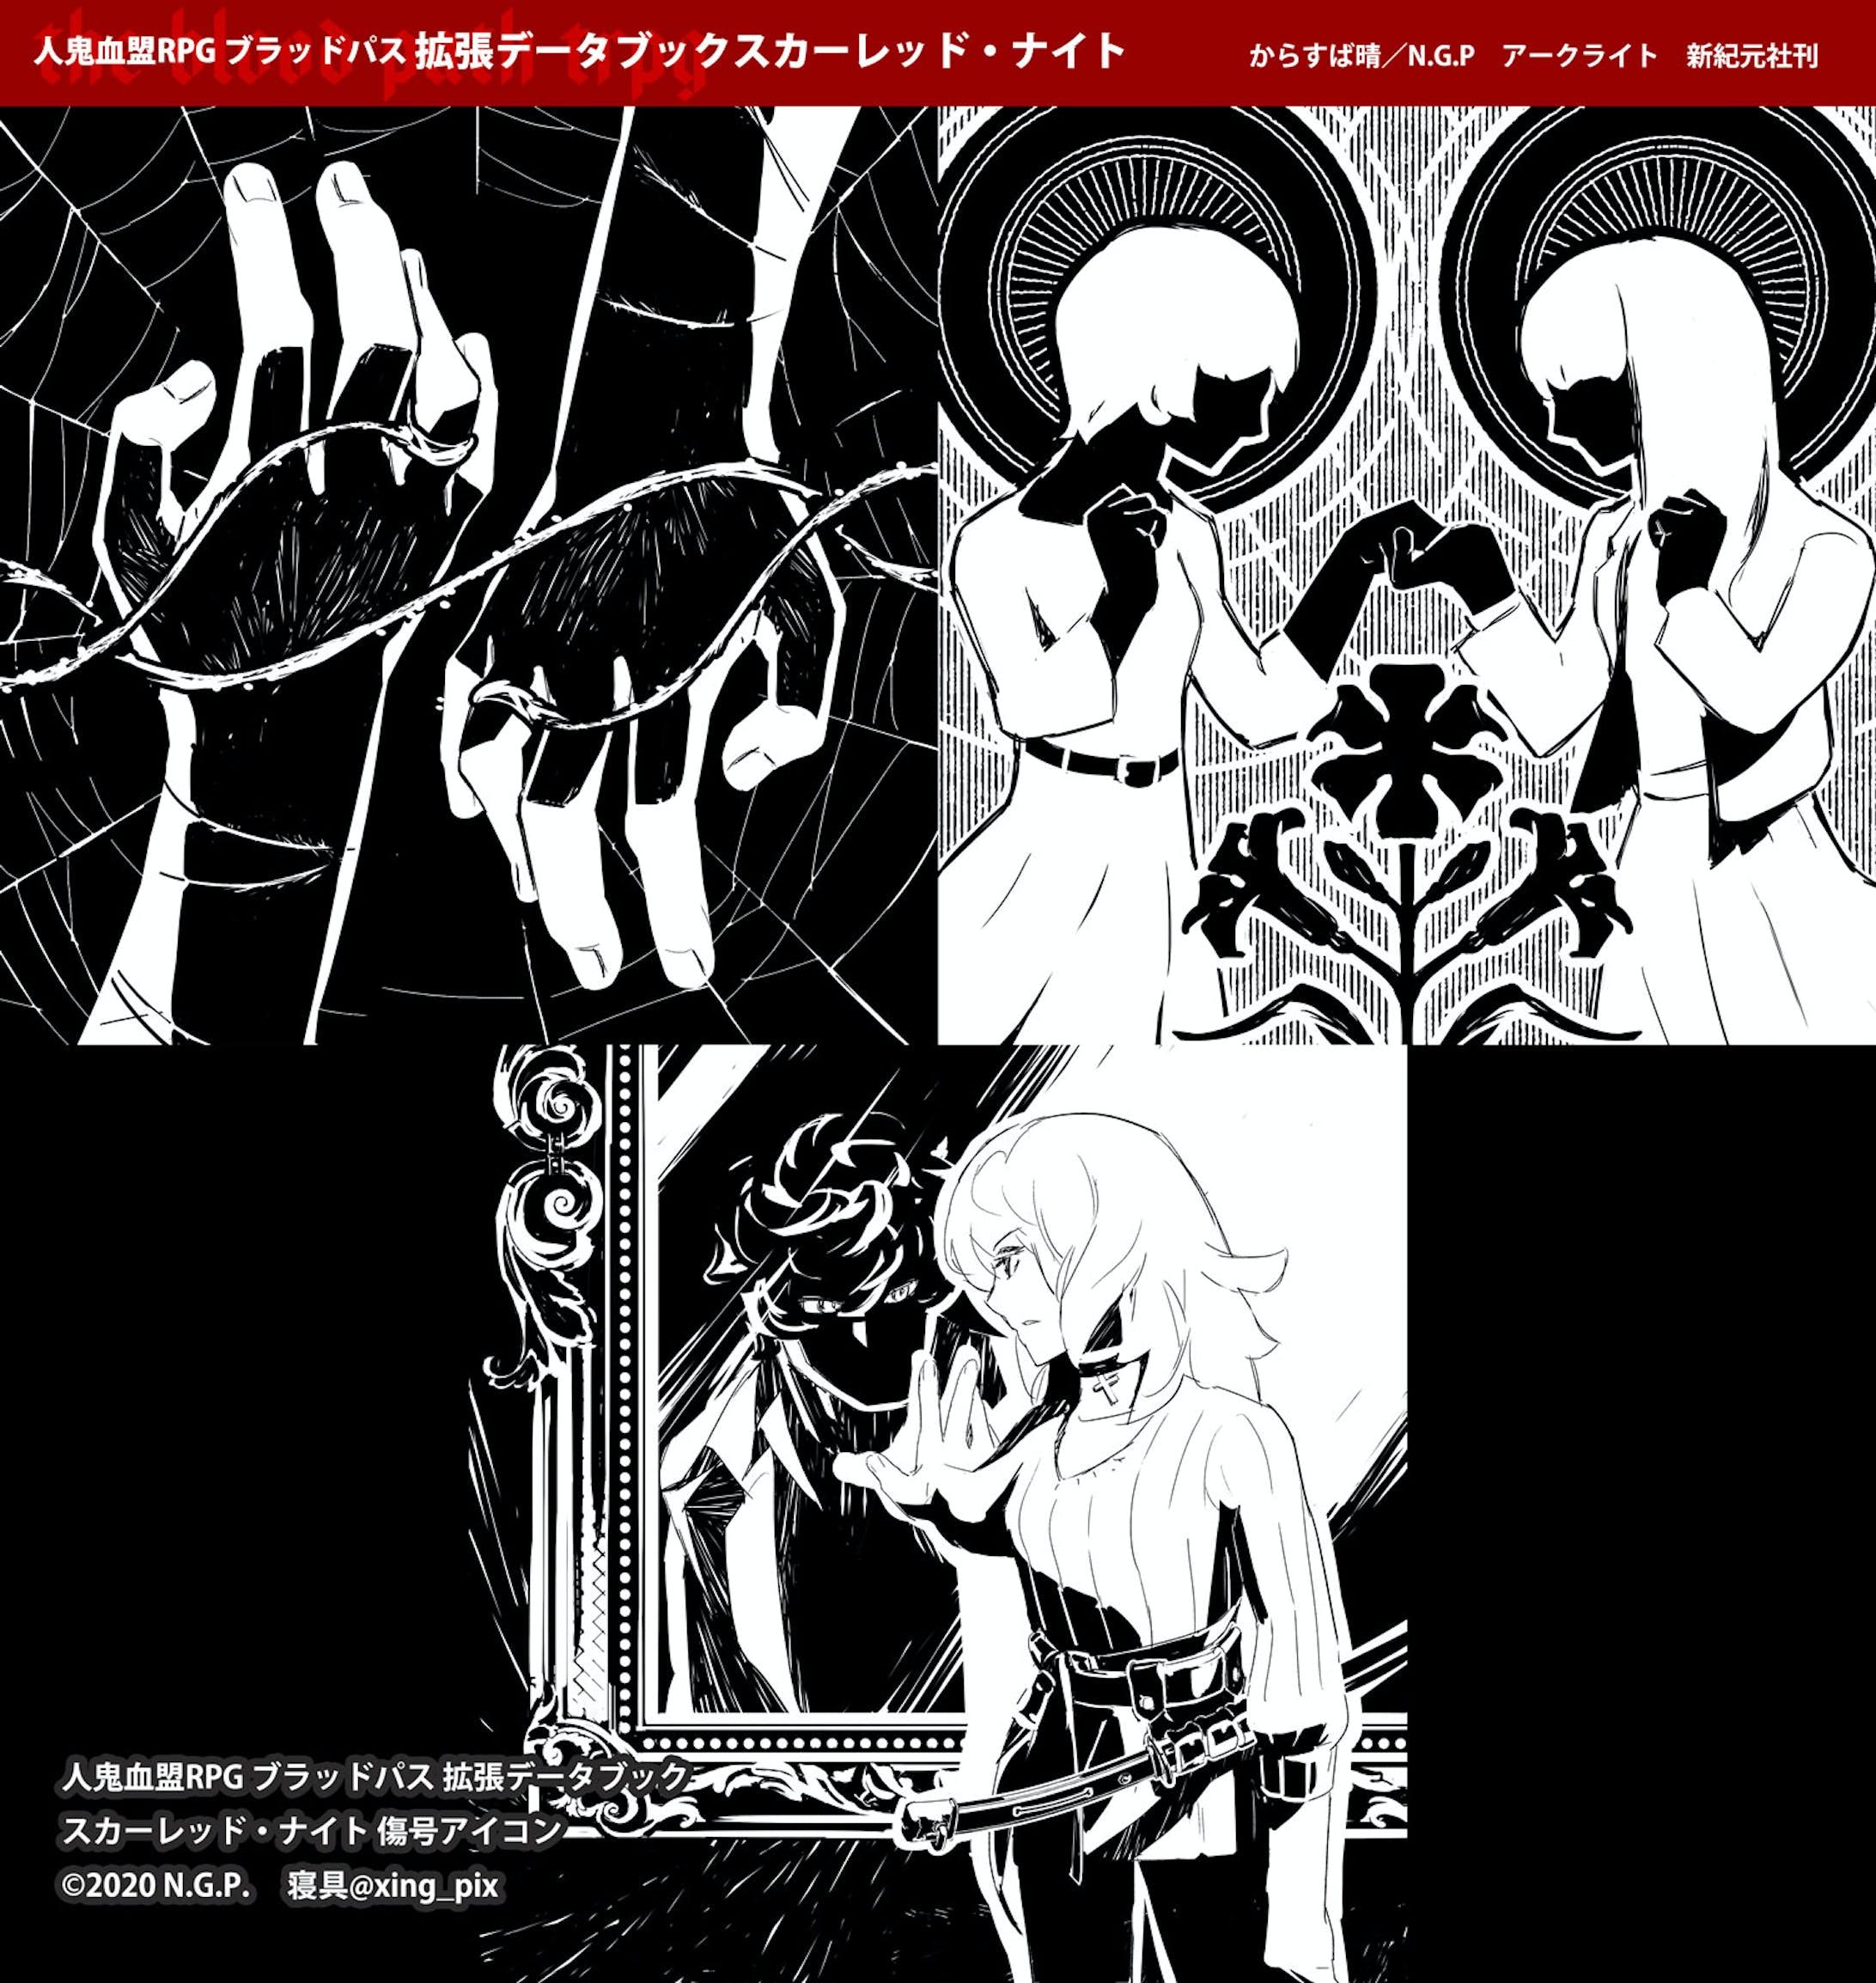 人鬼血盟TRPGブラッドパス スカーレッドナイト - イラスト-2